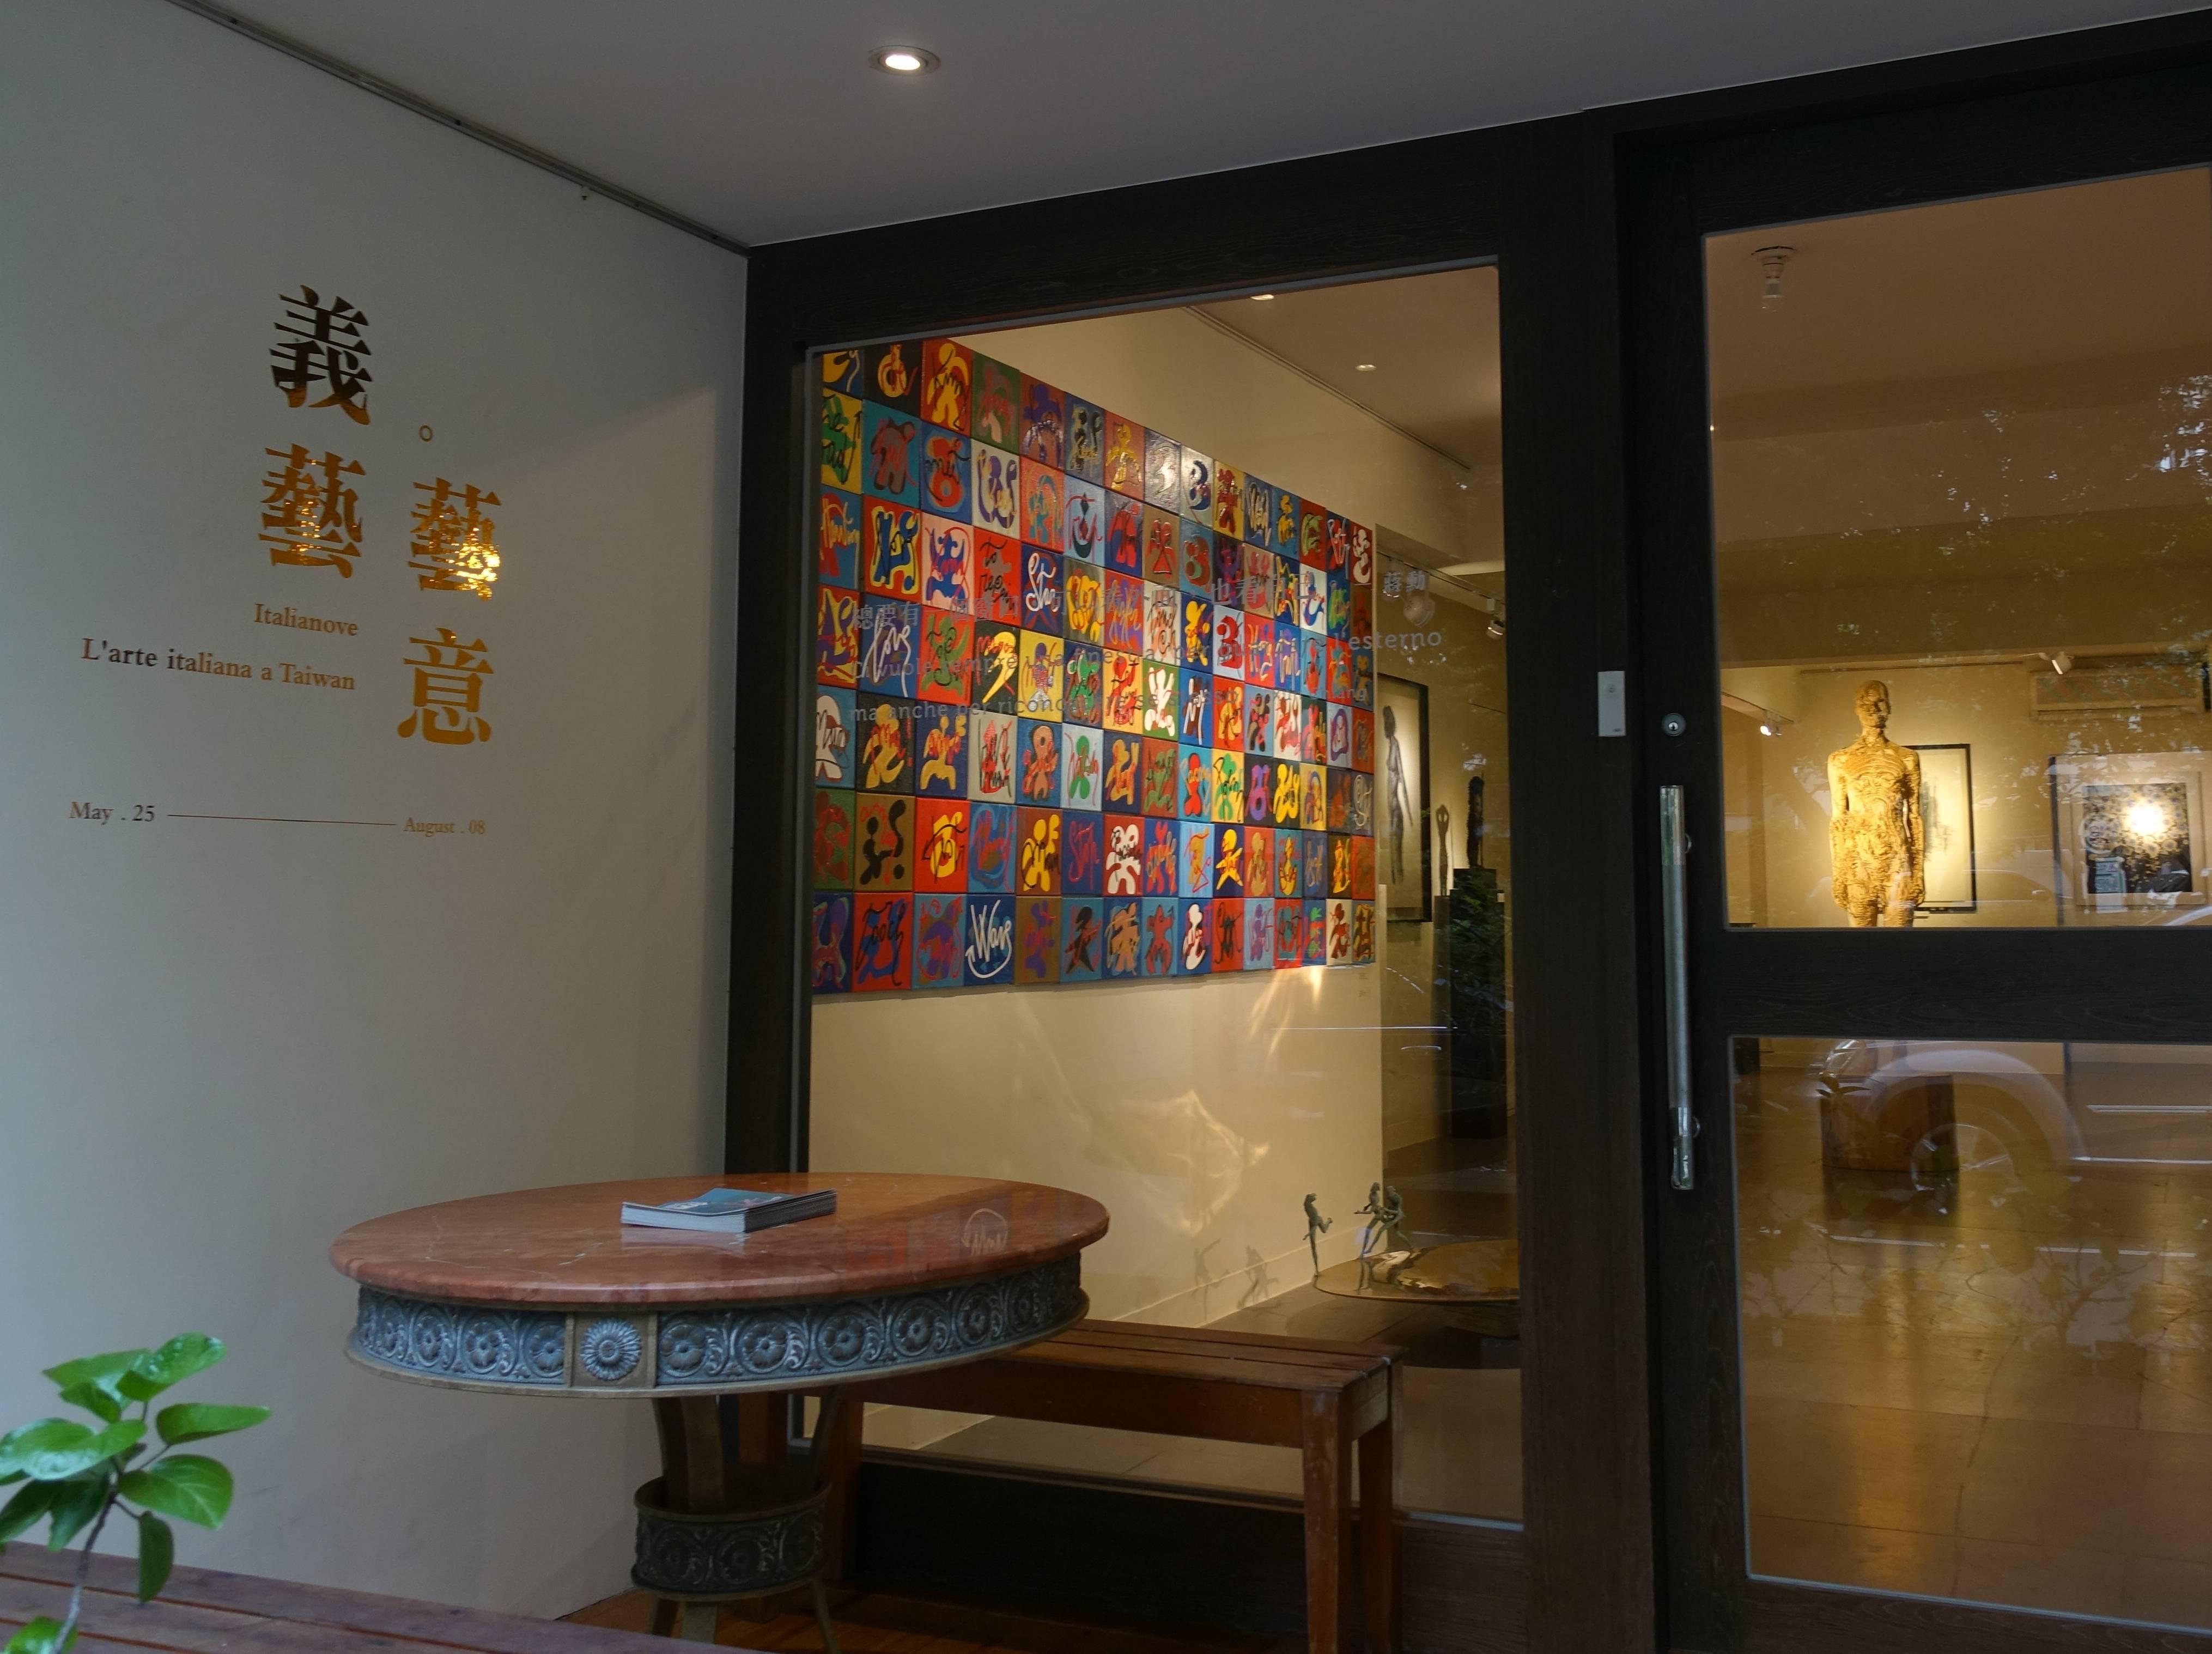 《義藝.藝意》展覽現場。